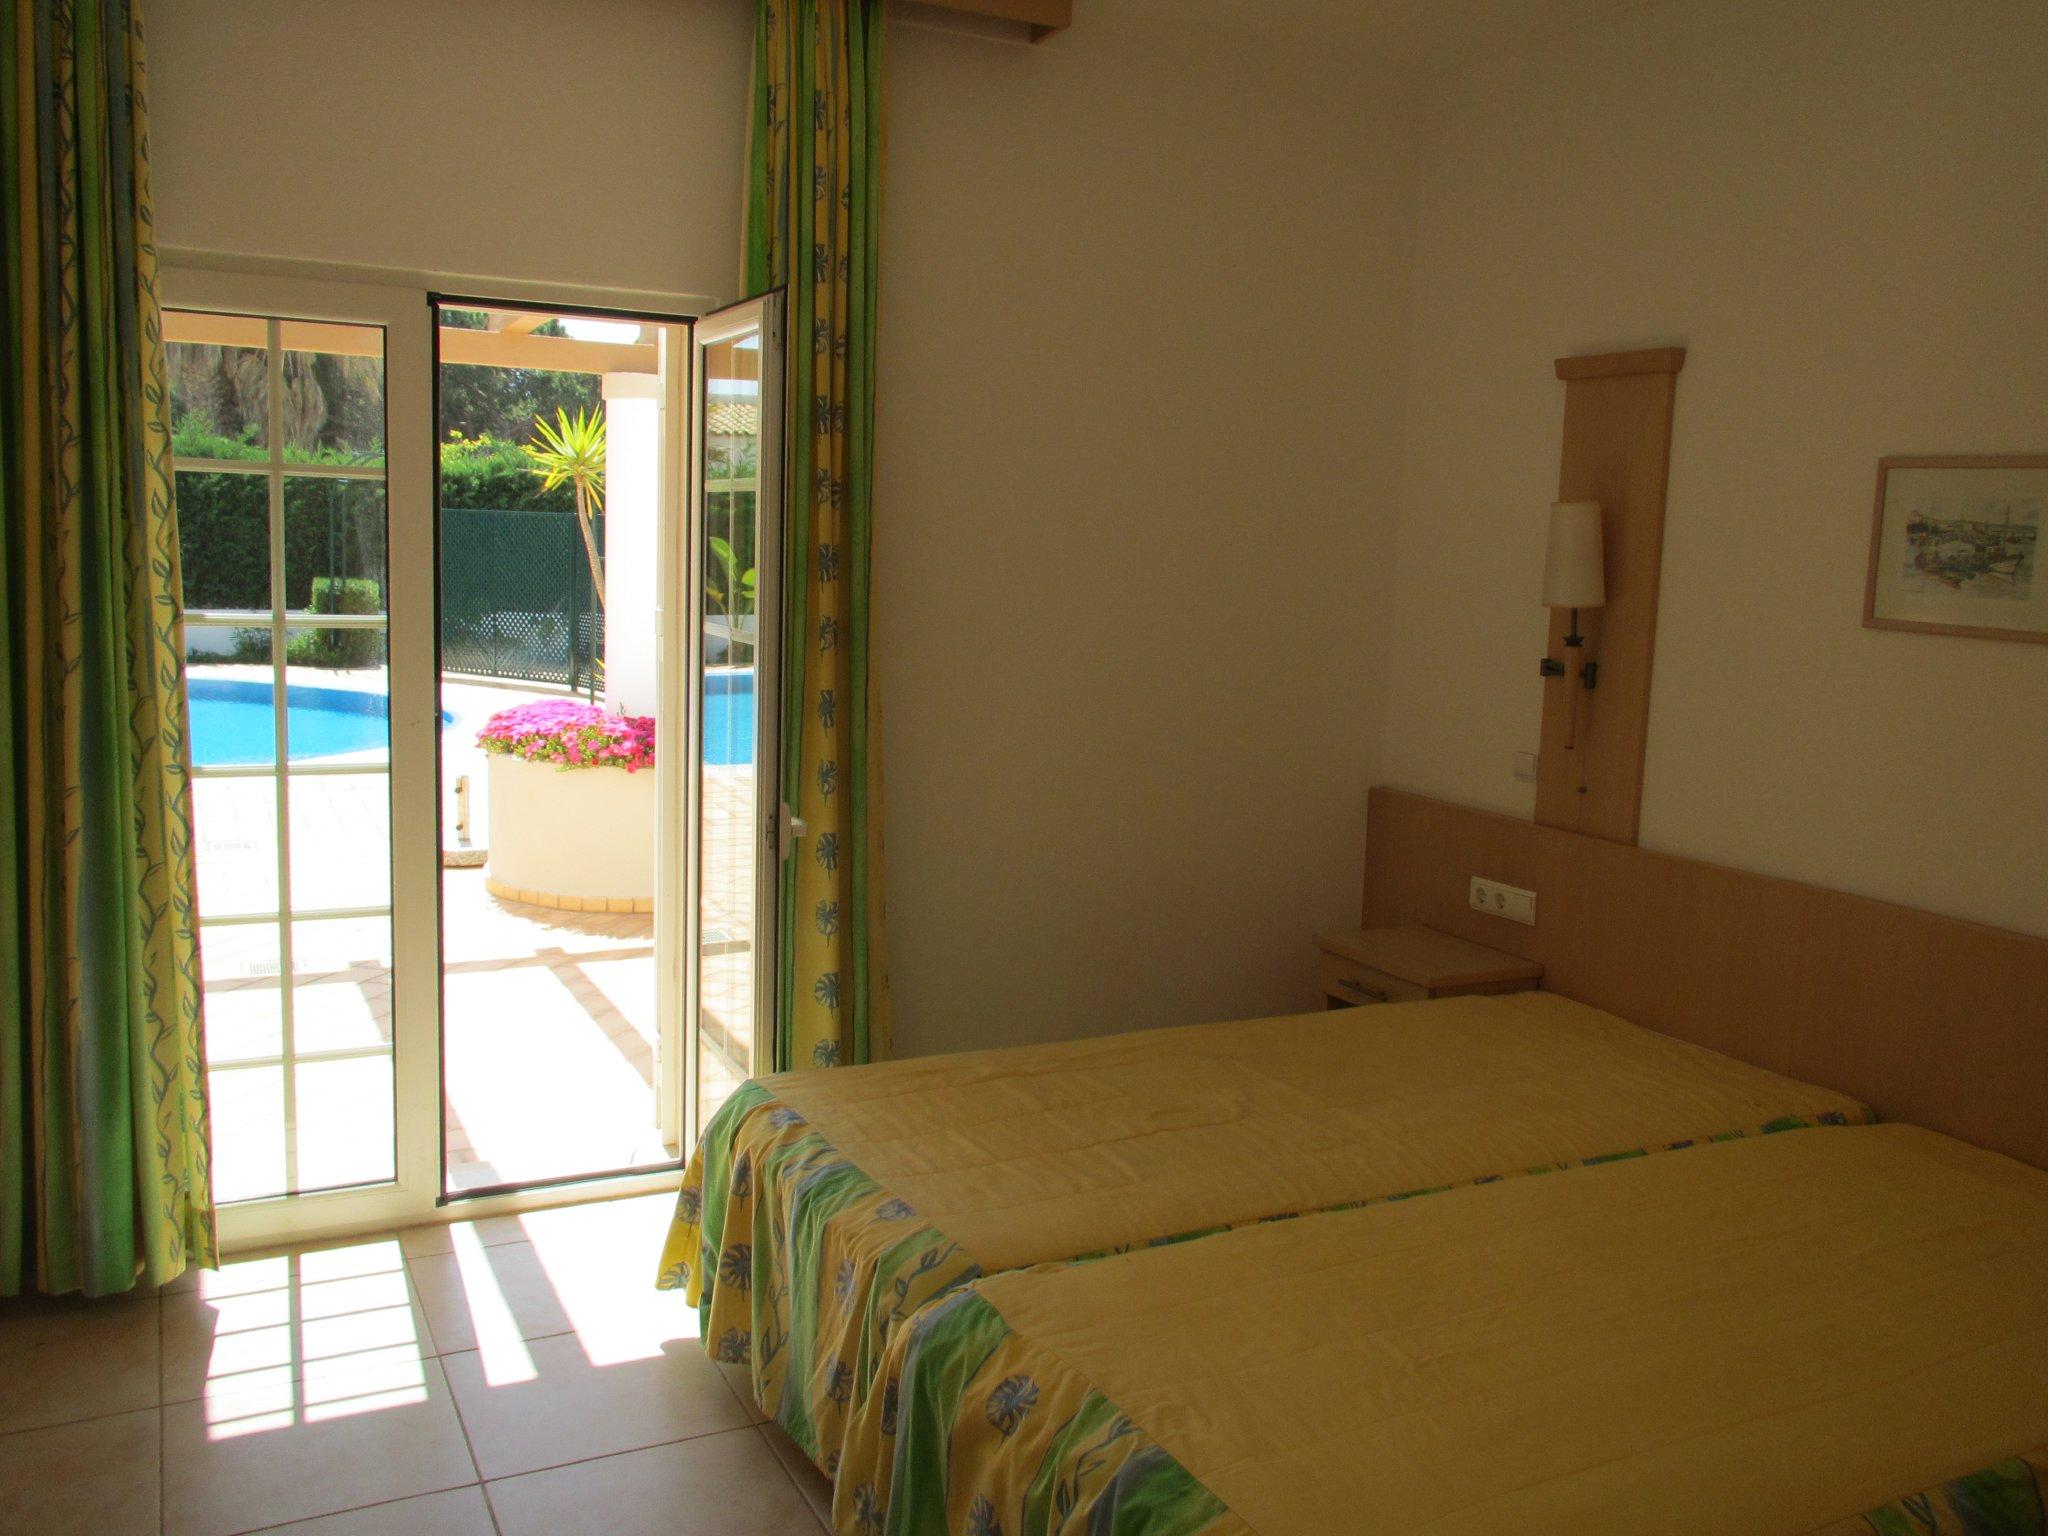 ein Schlafzimmer in gelb